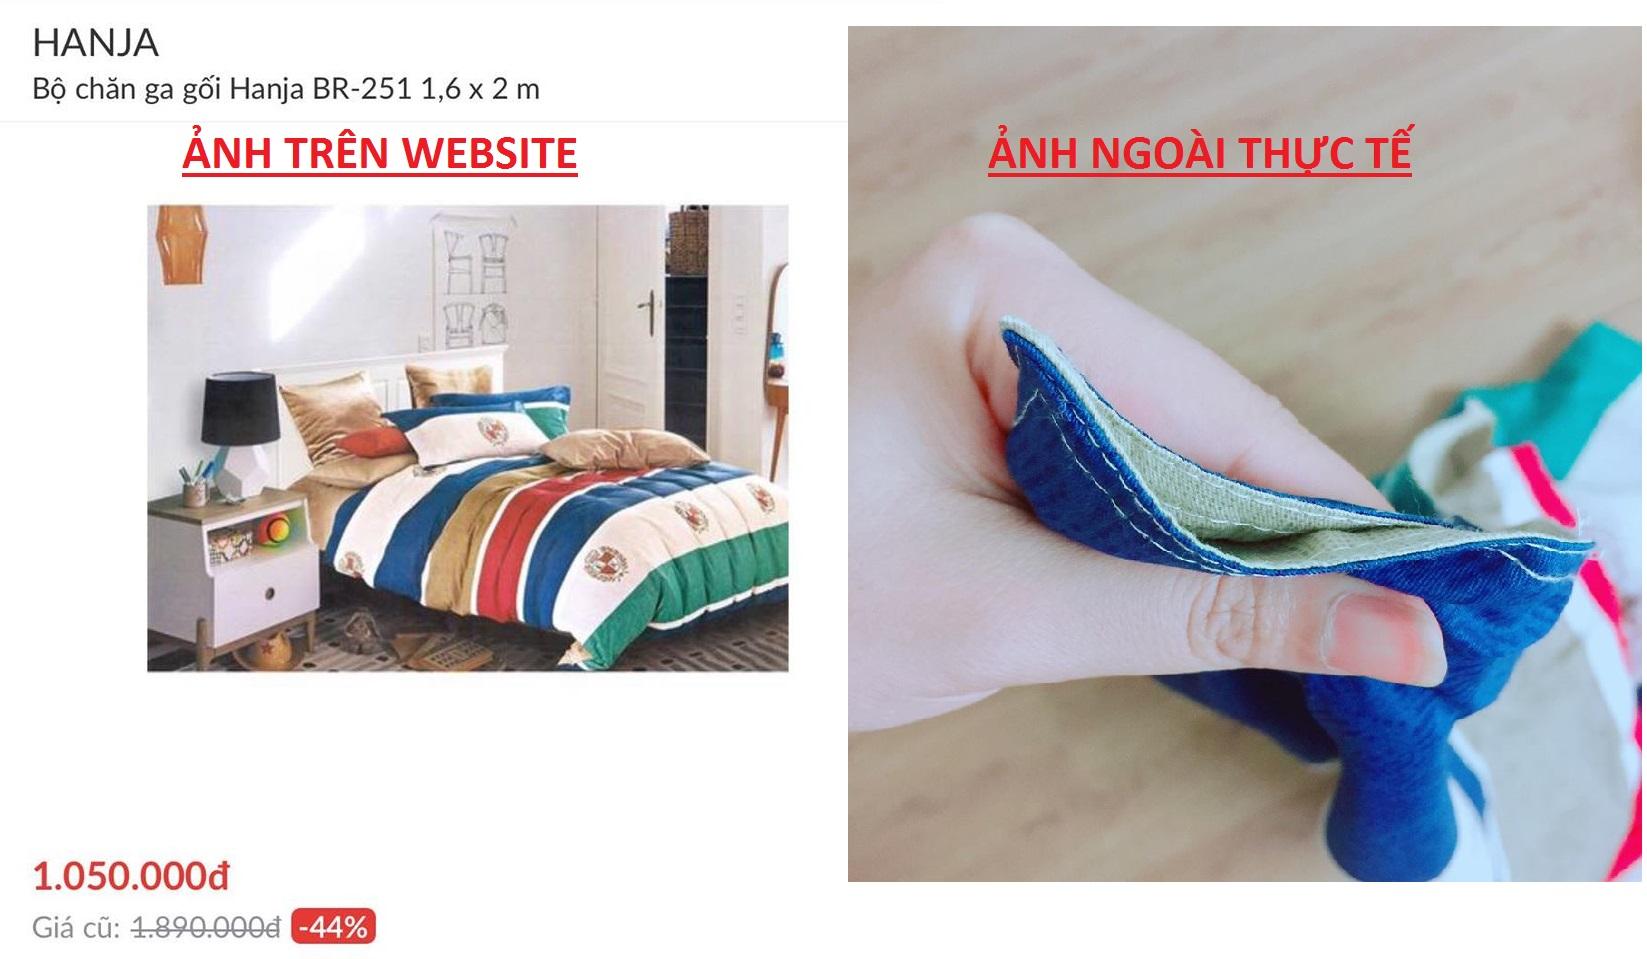 Hình ảnh bộ chăn ga trên website và thực tế, vì vậy mà Lozi phải làm thủ tục đổi trả hàng tại Adayroi :((